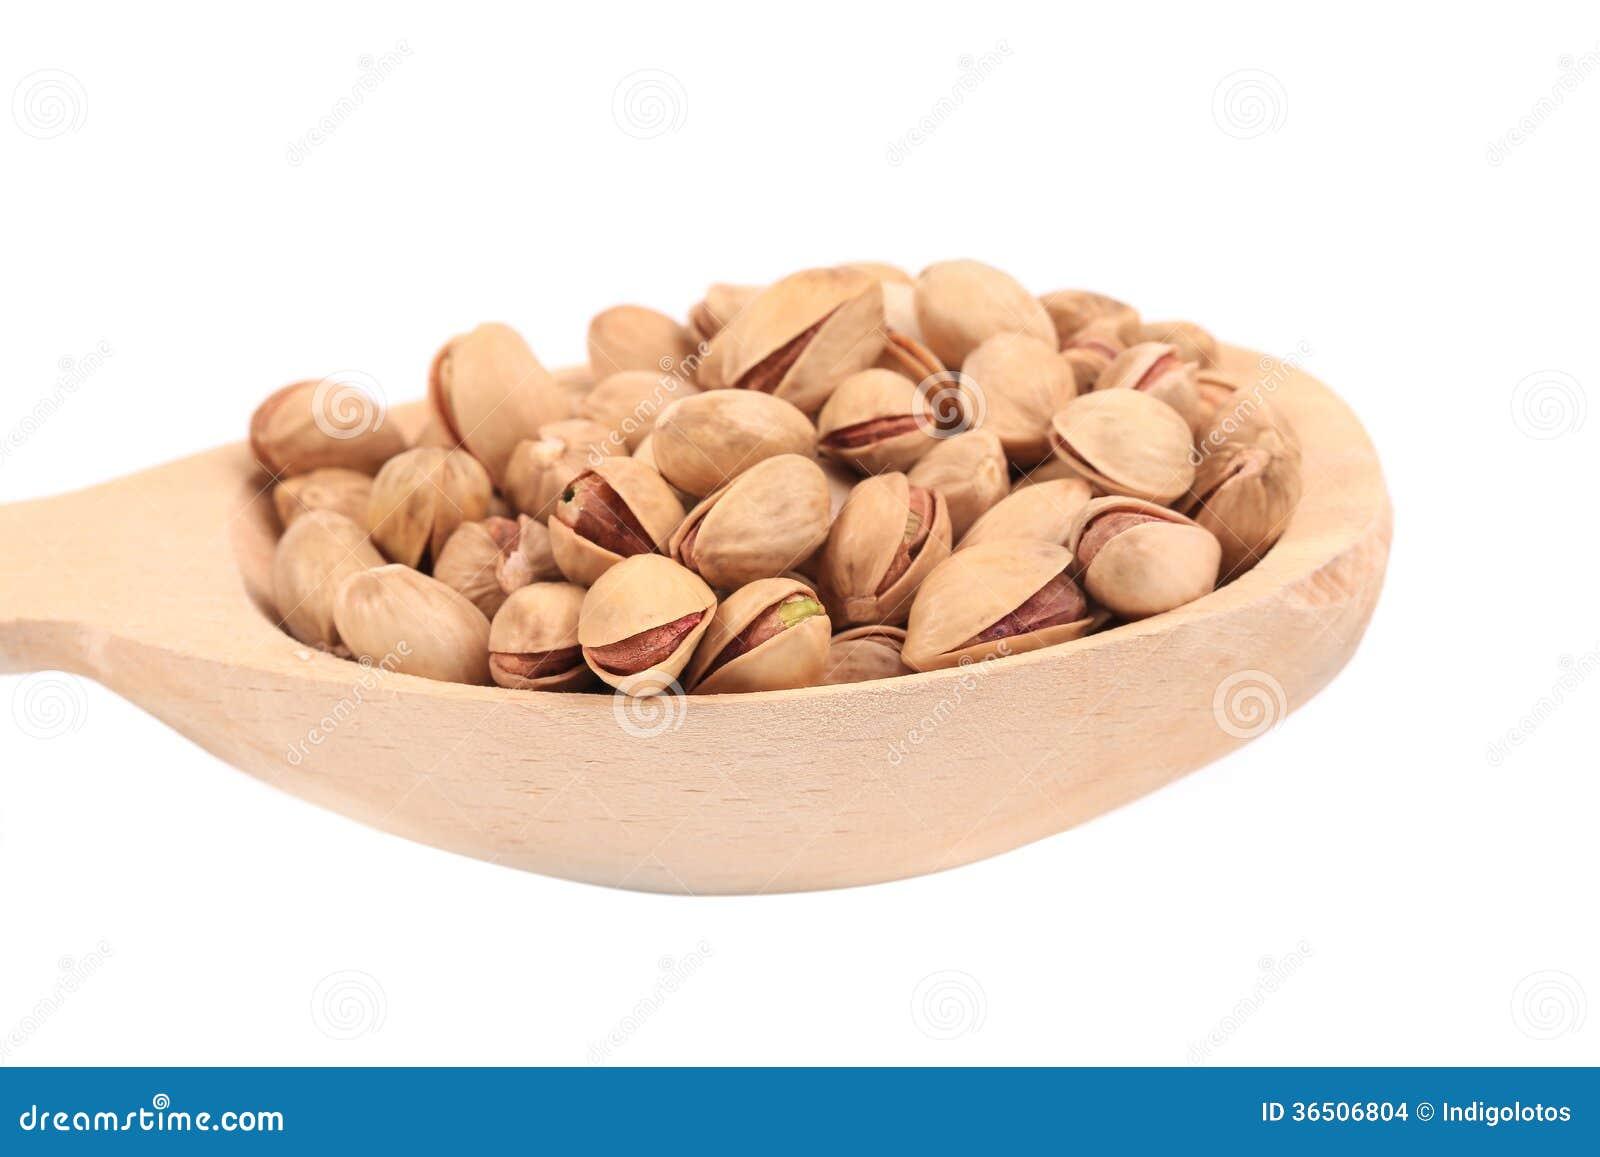 Cuillère en bois avec des pistaches.